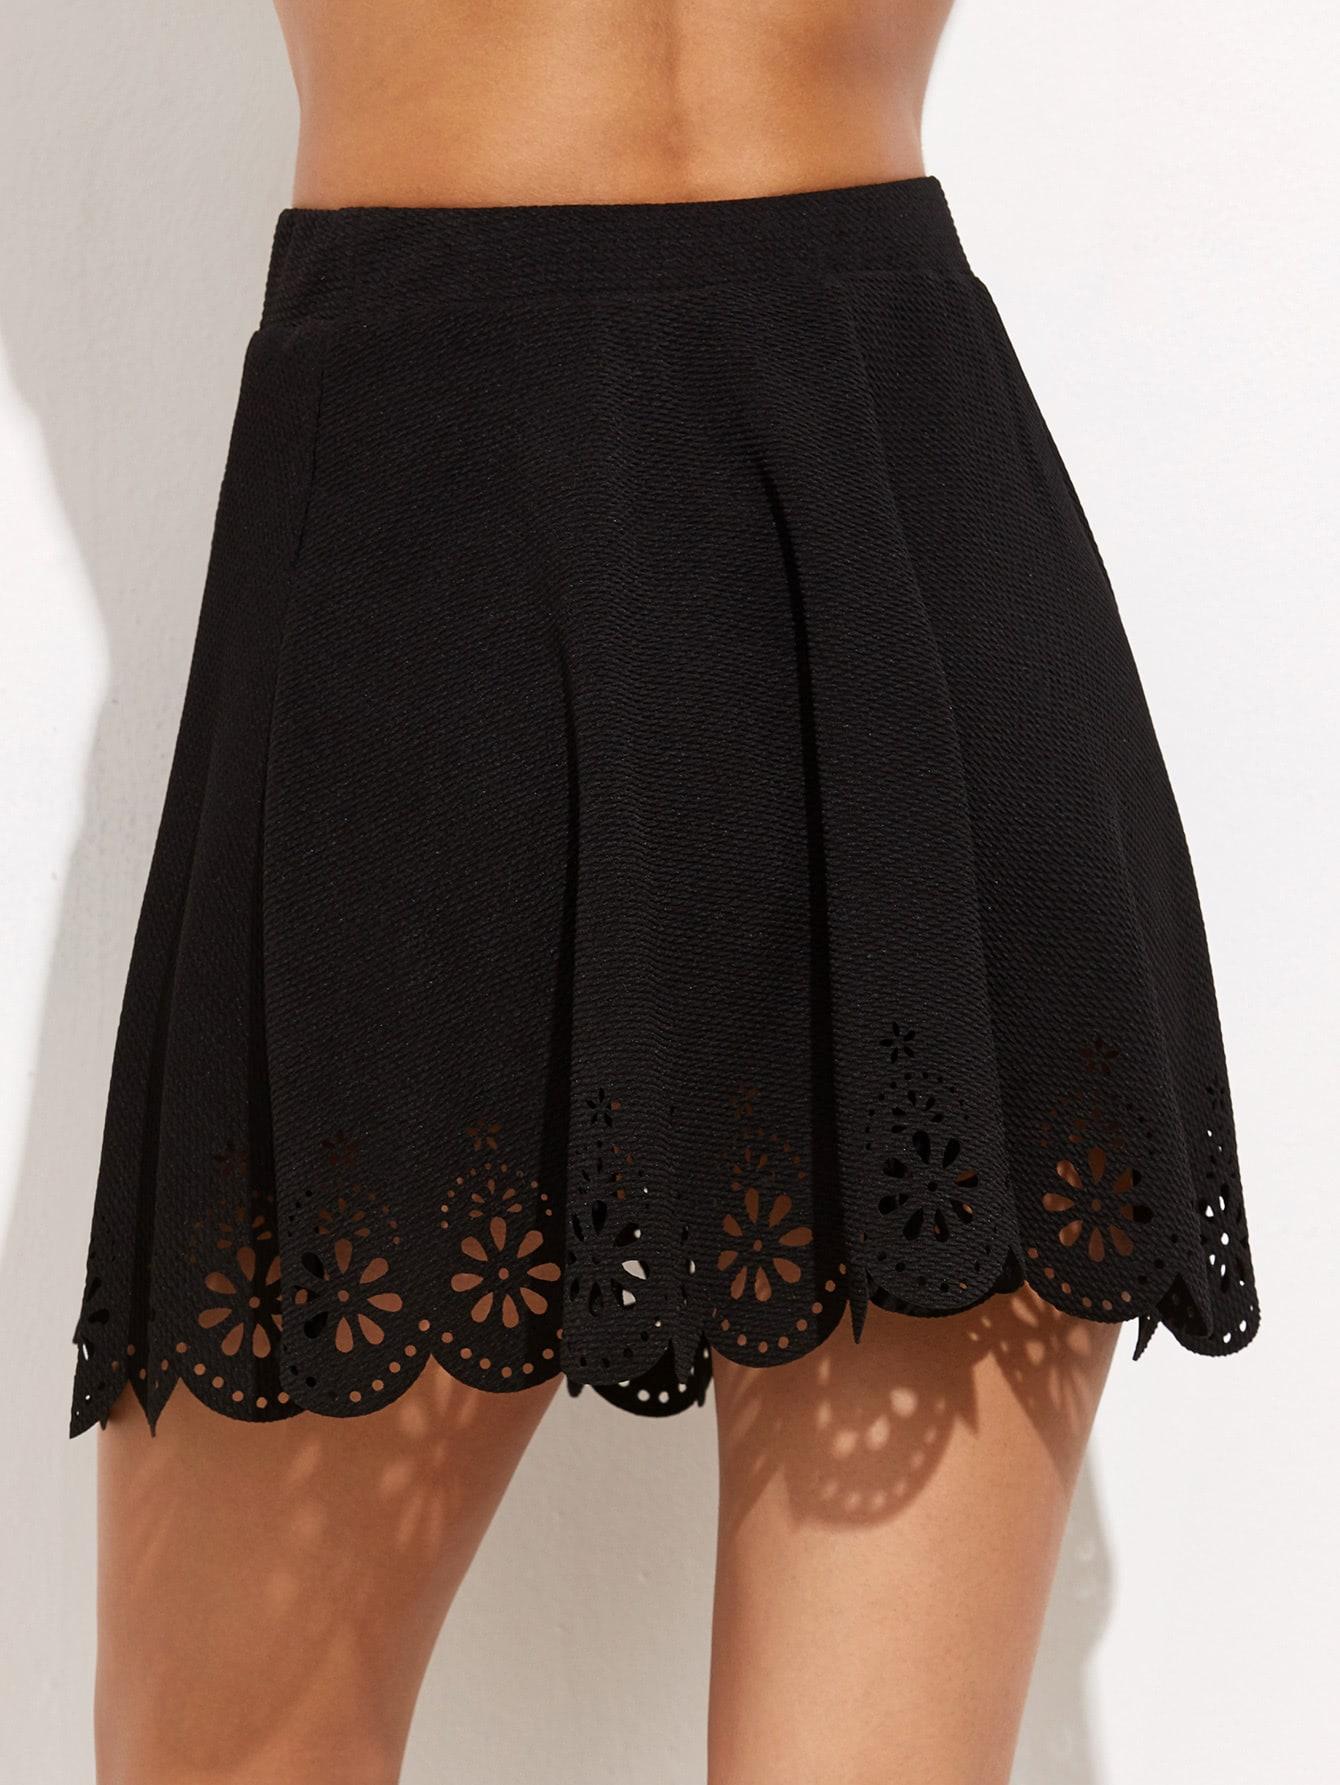 skirt161010702_2